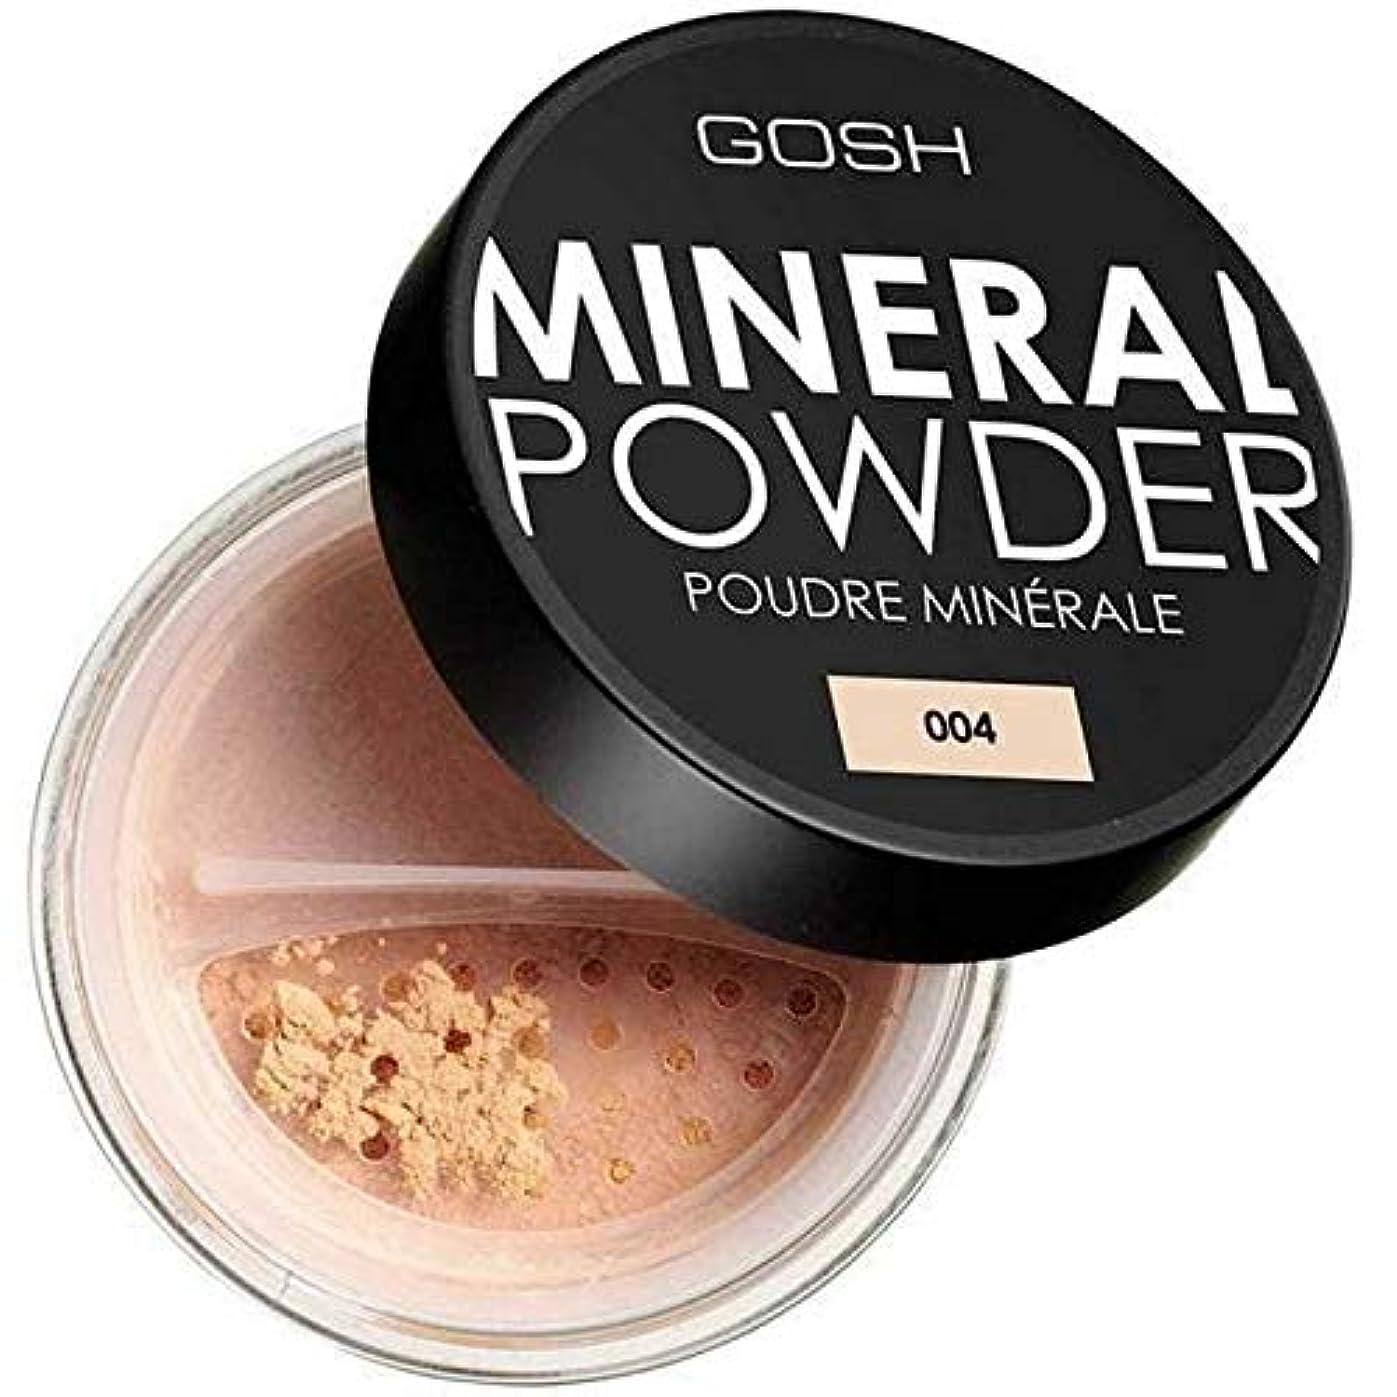 肥料写真を撮る親密な[GOSH ] おやっミネラルフルカバーファンデーションパウダーナチュラル004 - Gosh Mineral Full Coverage Foundation Powder Natural 004 [並行輸入品]